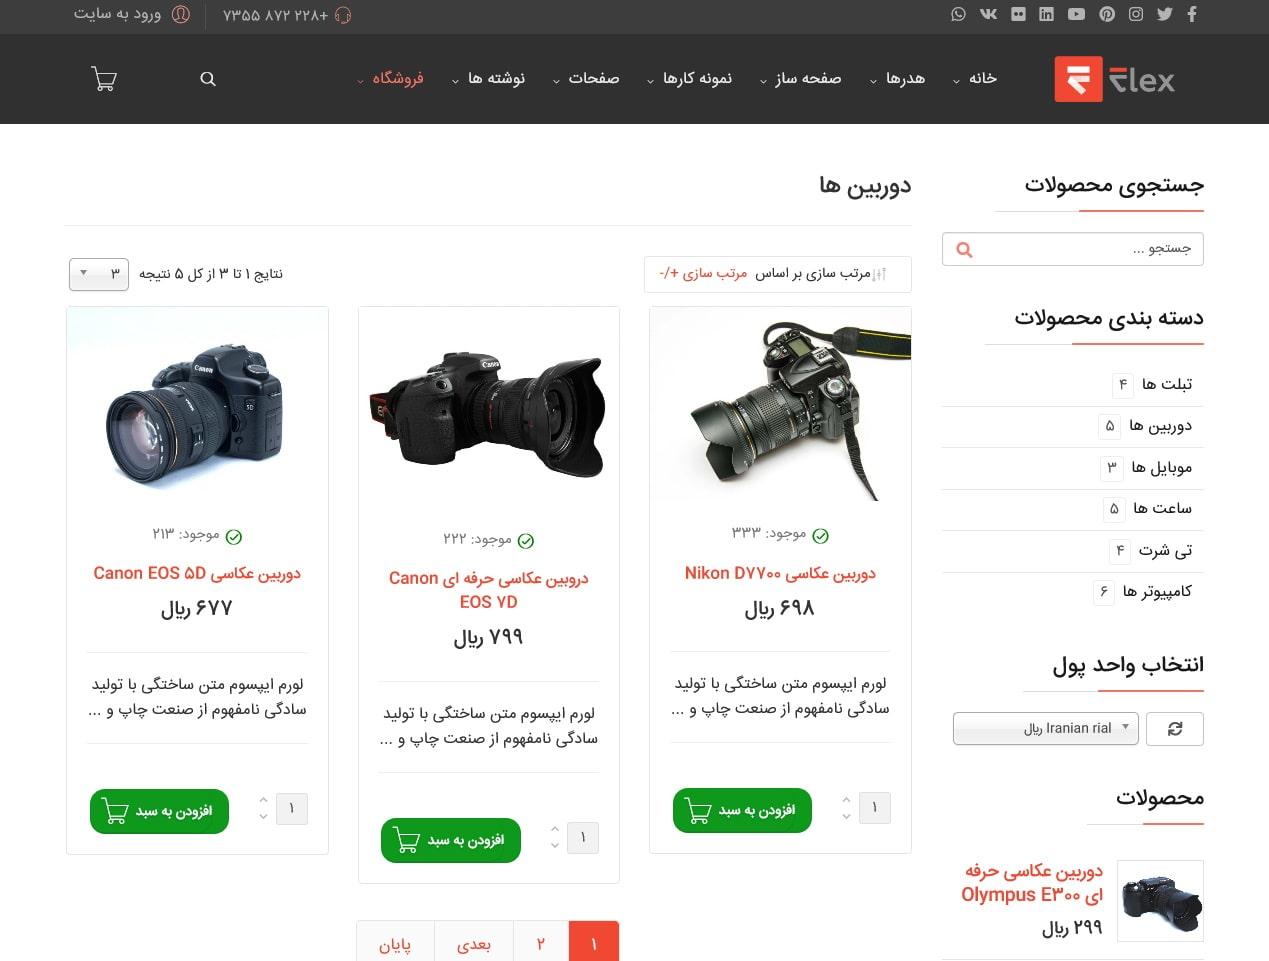 قالب Flex فلکس جوملا کاملا فارسی و بدون محدودیت نصب